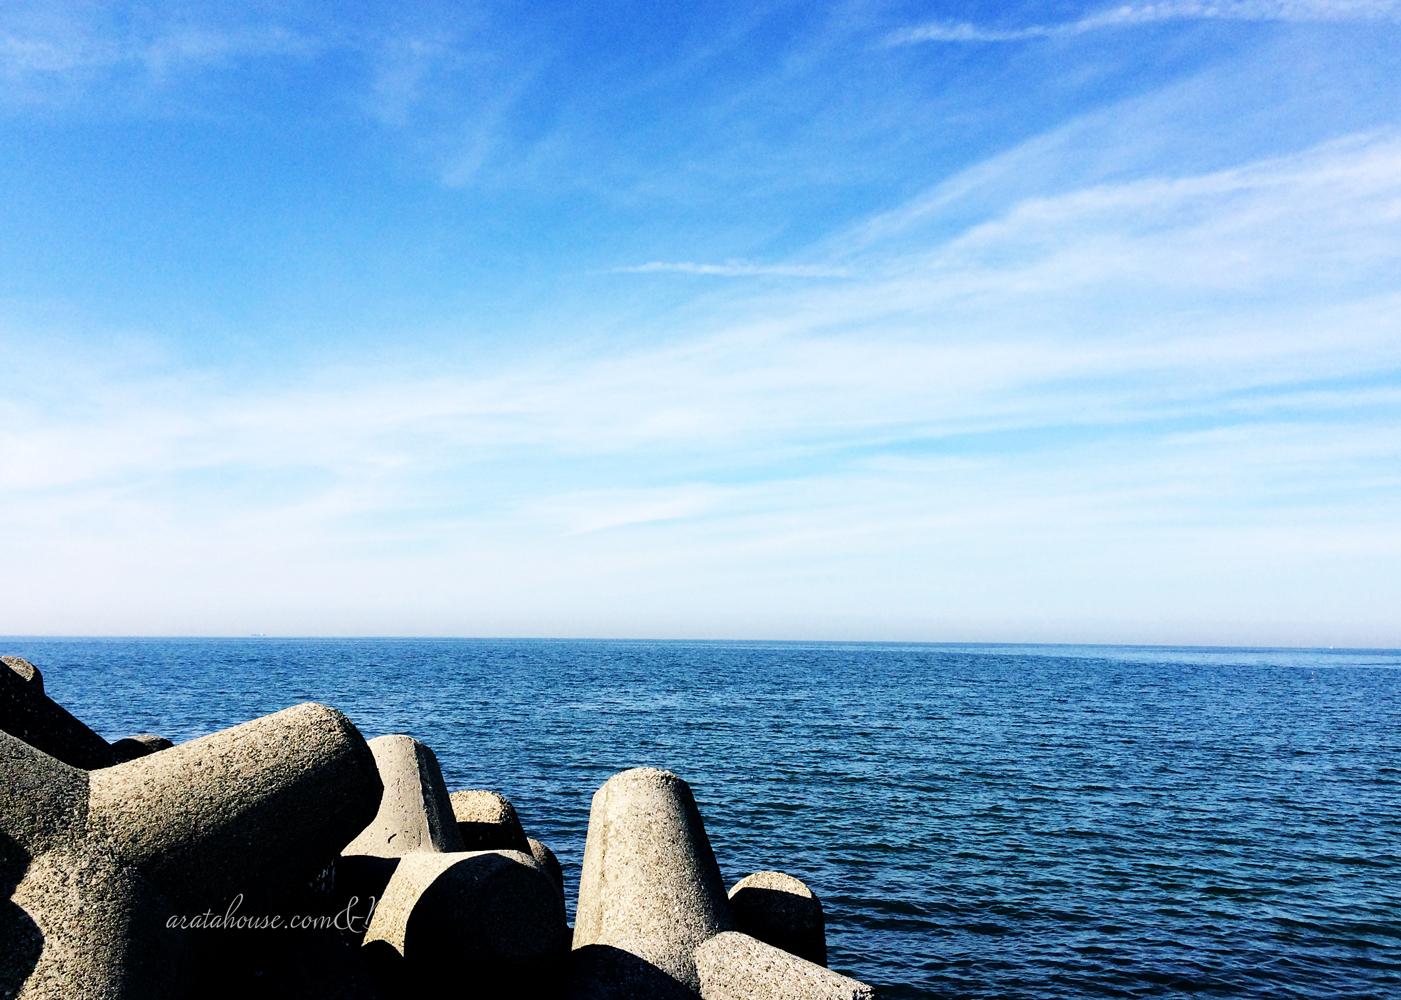 「イタグレBuono!の日常」海見て、防波堤でカイカイして、ブラッシングでほっこり。